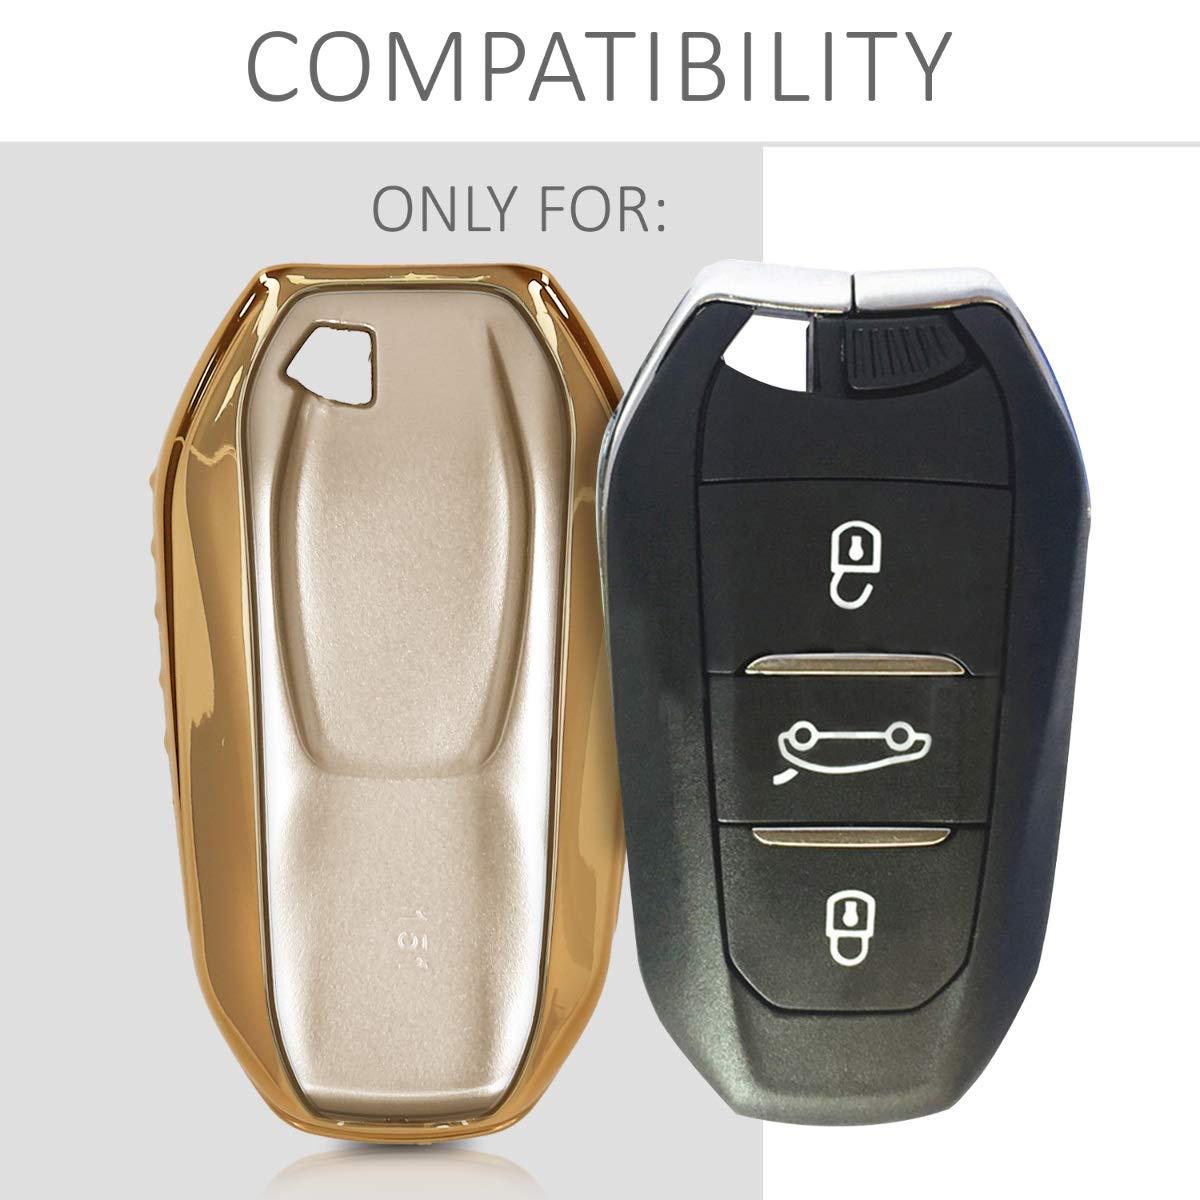 Plateado Brillante - Carcasa Suave de Solamente Keyless Go kwmobile Funda para Llave Smartkey de 3 Botones para Coche Peugeot Citroen TPU Cover de Mando y Control de Auto en para Llaves